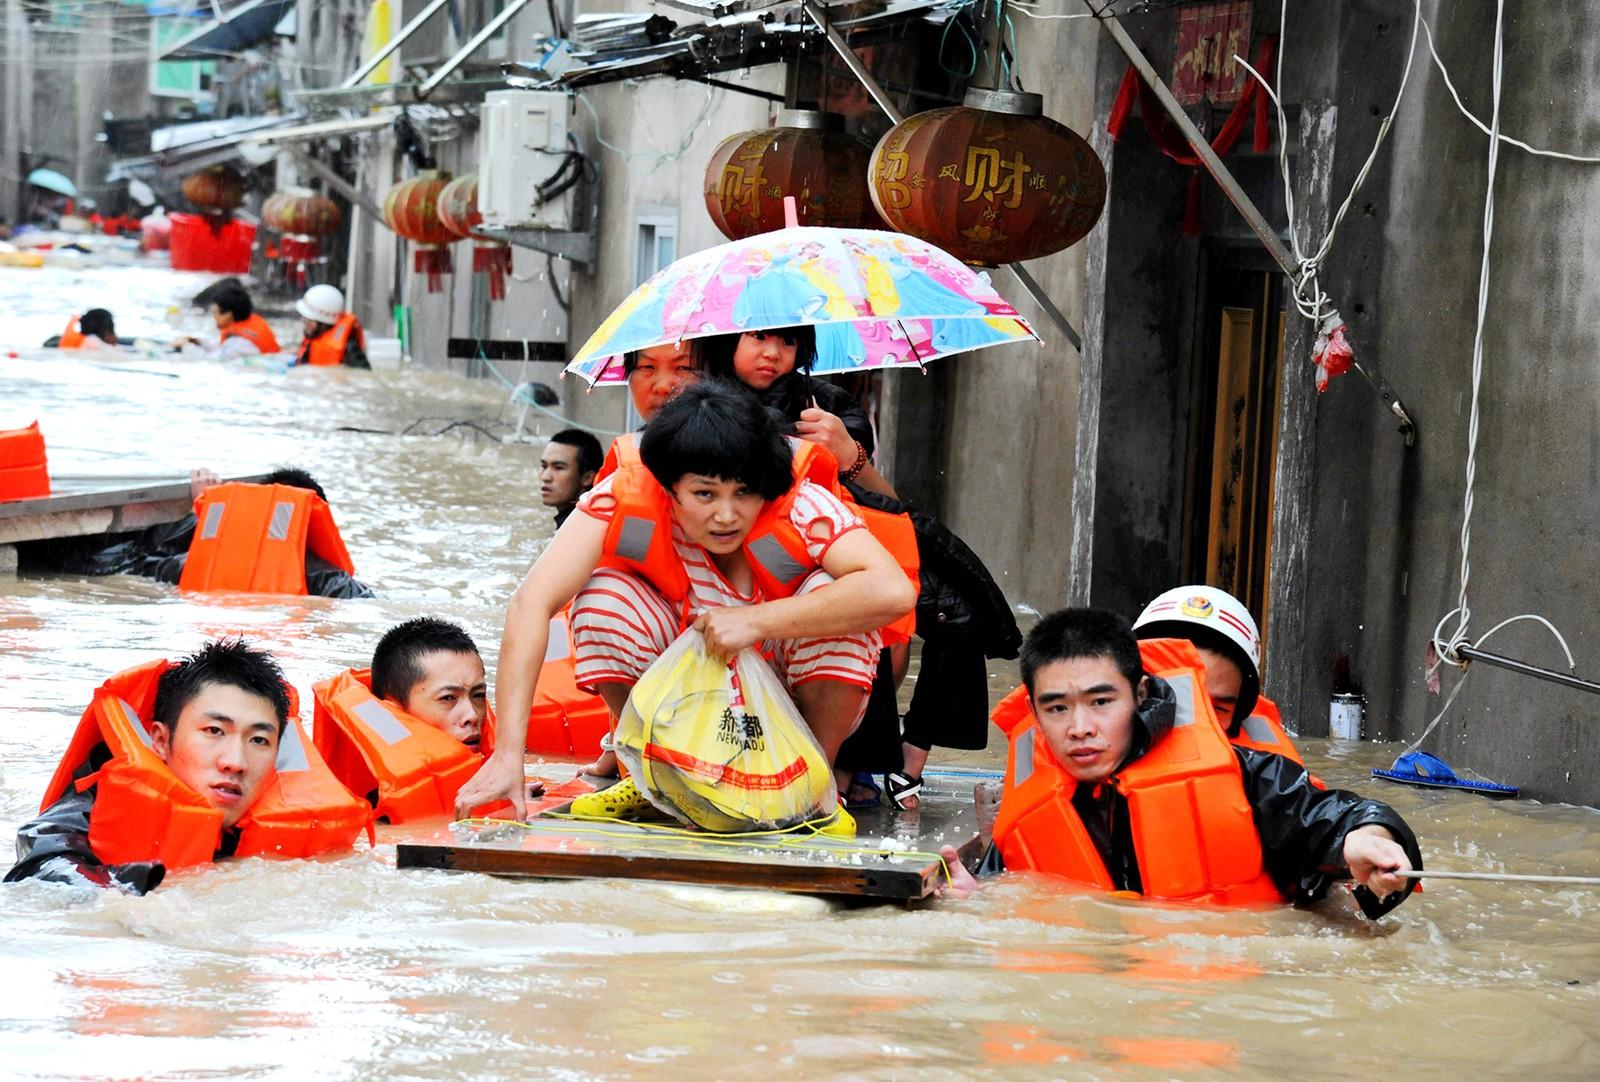 Redningsmannskap evakuerer innbyggere i Fujian-provinsen i Kina den 28. september. Tyfonen Megi førte til flom og store ødeleggelser.